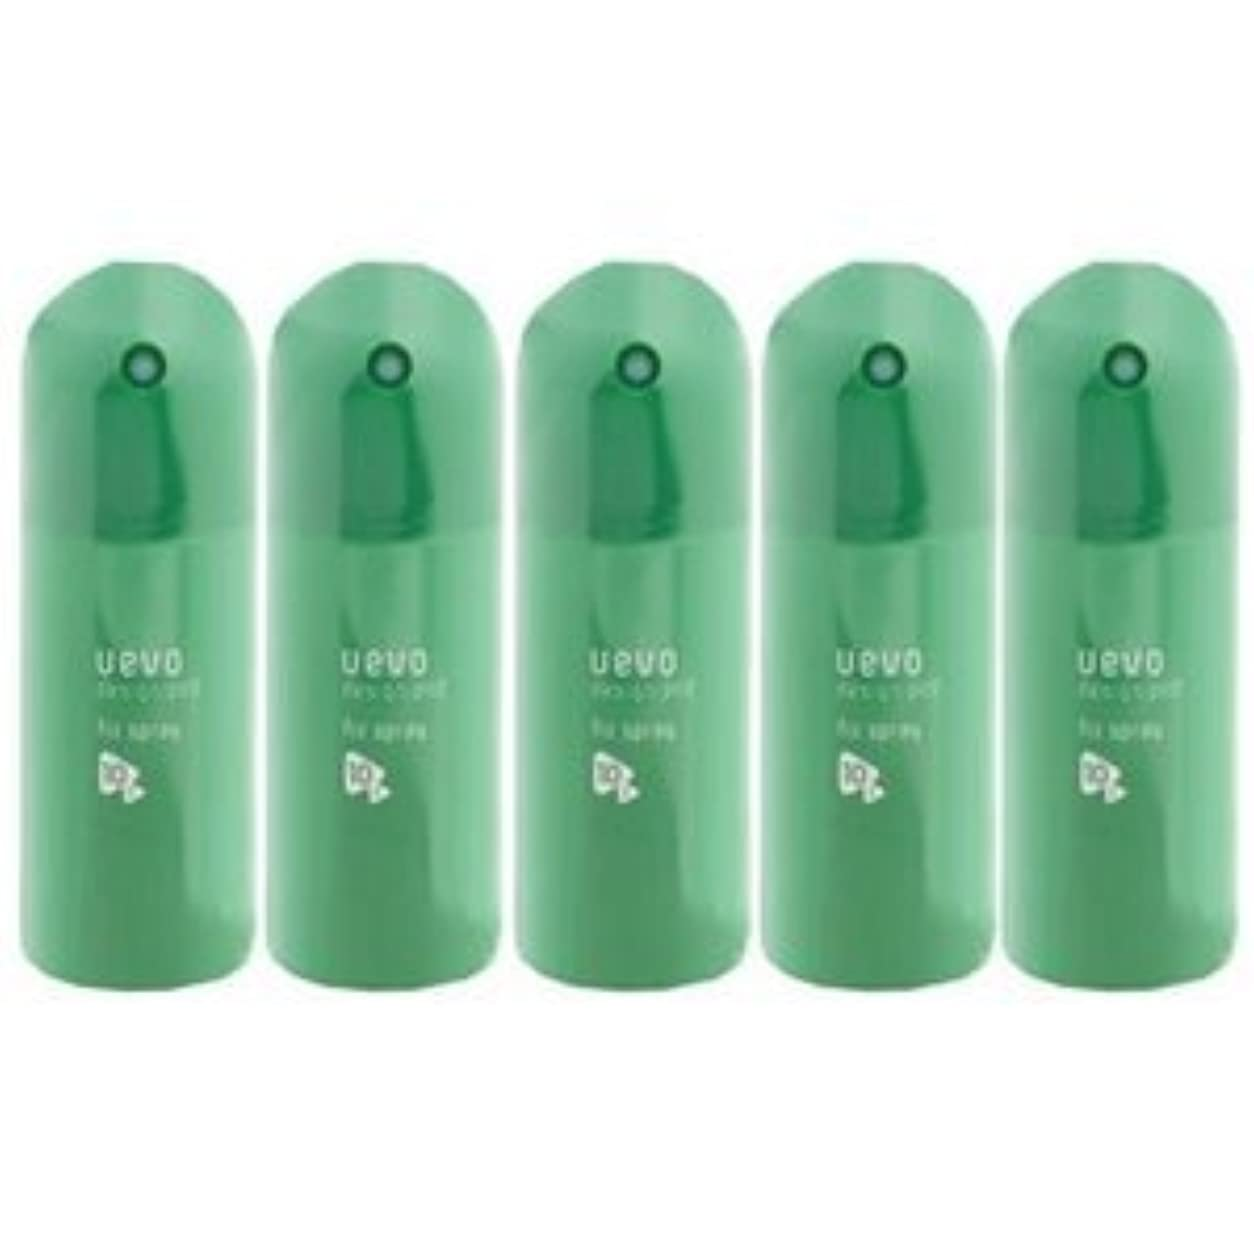 産地モジュール夫婦【X5個セット】 デミ ウェーボ デザインポッド フィックススプレー 220ml fix spray